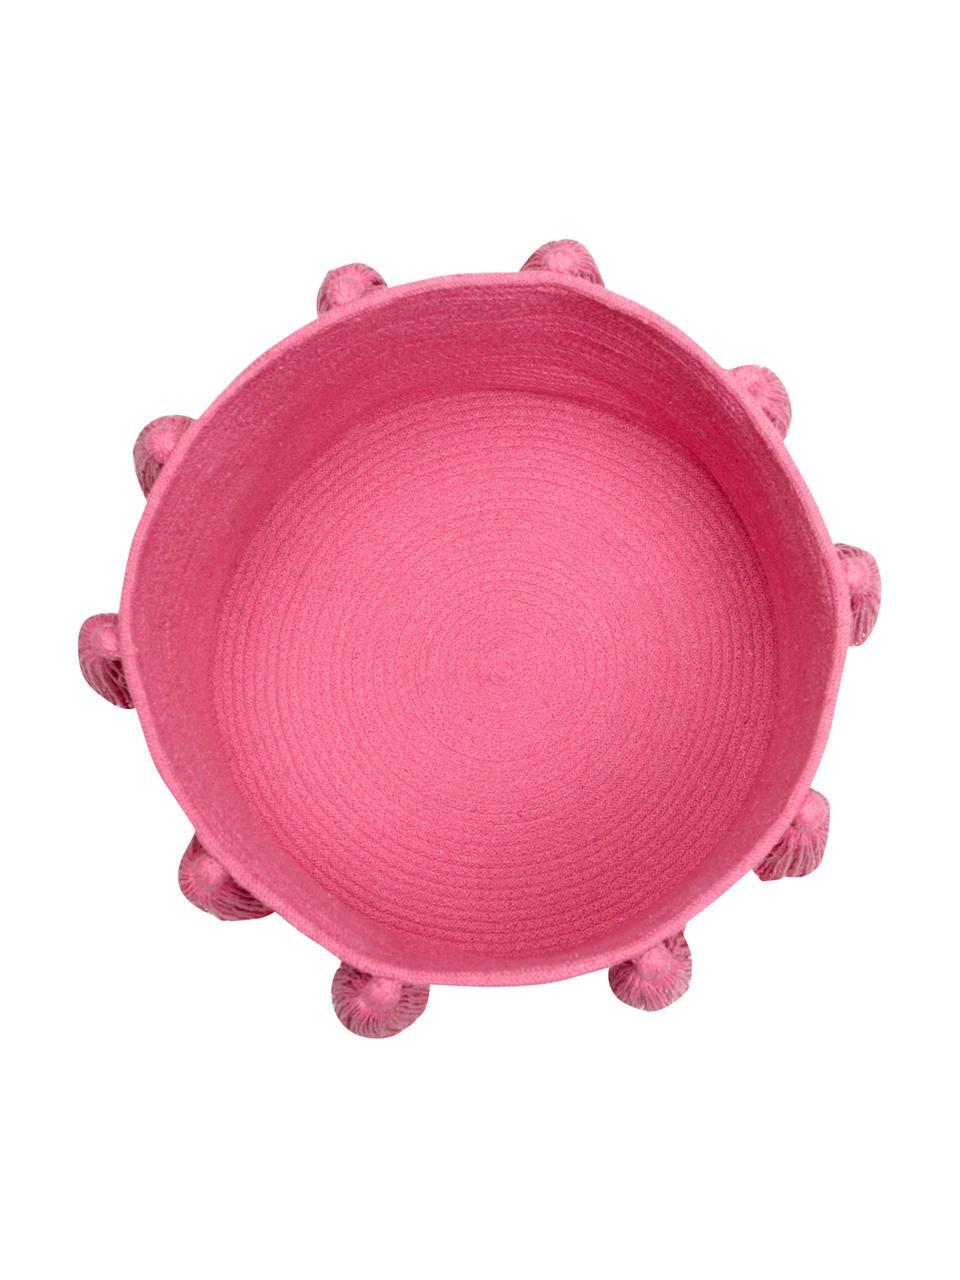 Cesto Tassels, 97% cotone, 3% cotone riciclato, Rosa, Ø 45 x Alt. 30 cm